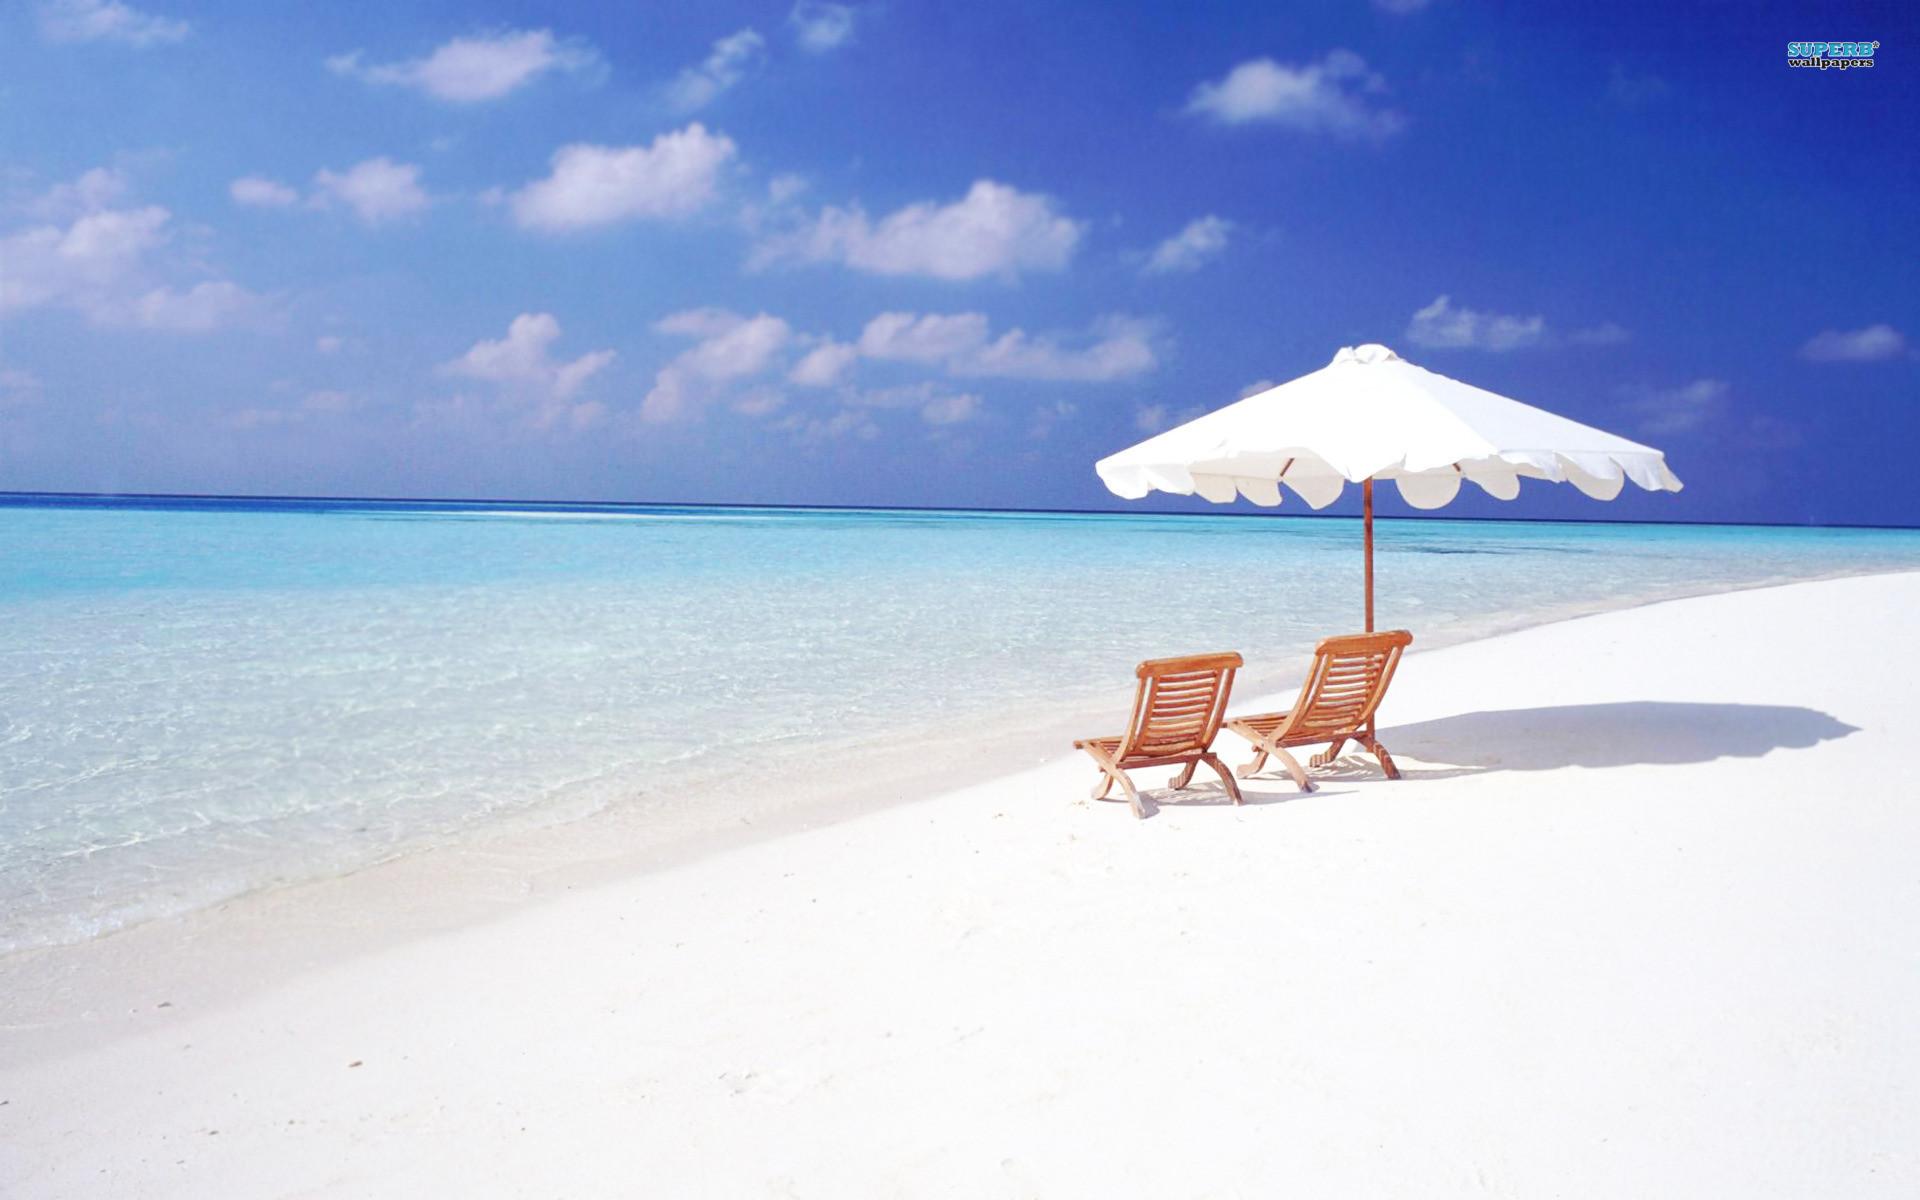 Hd Beach Desktop Wallpaper 66 Images